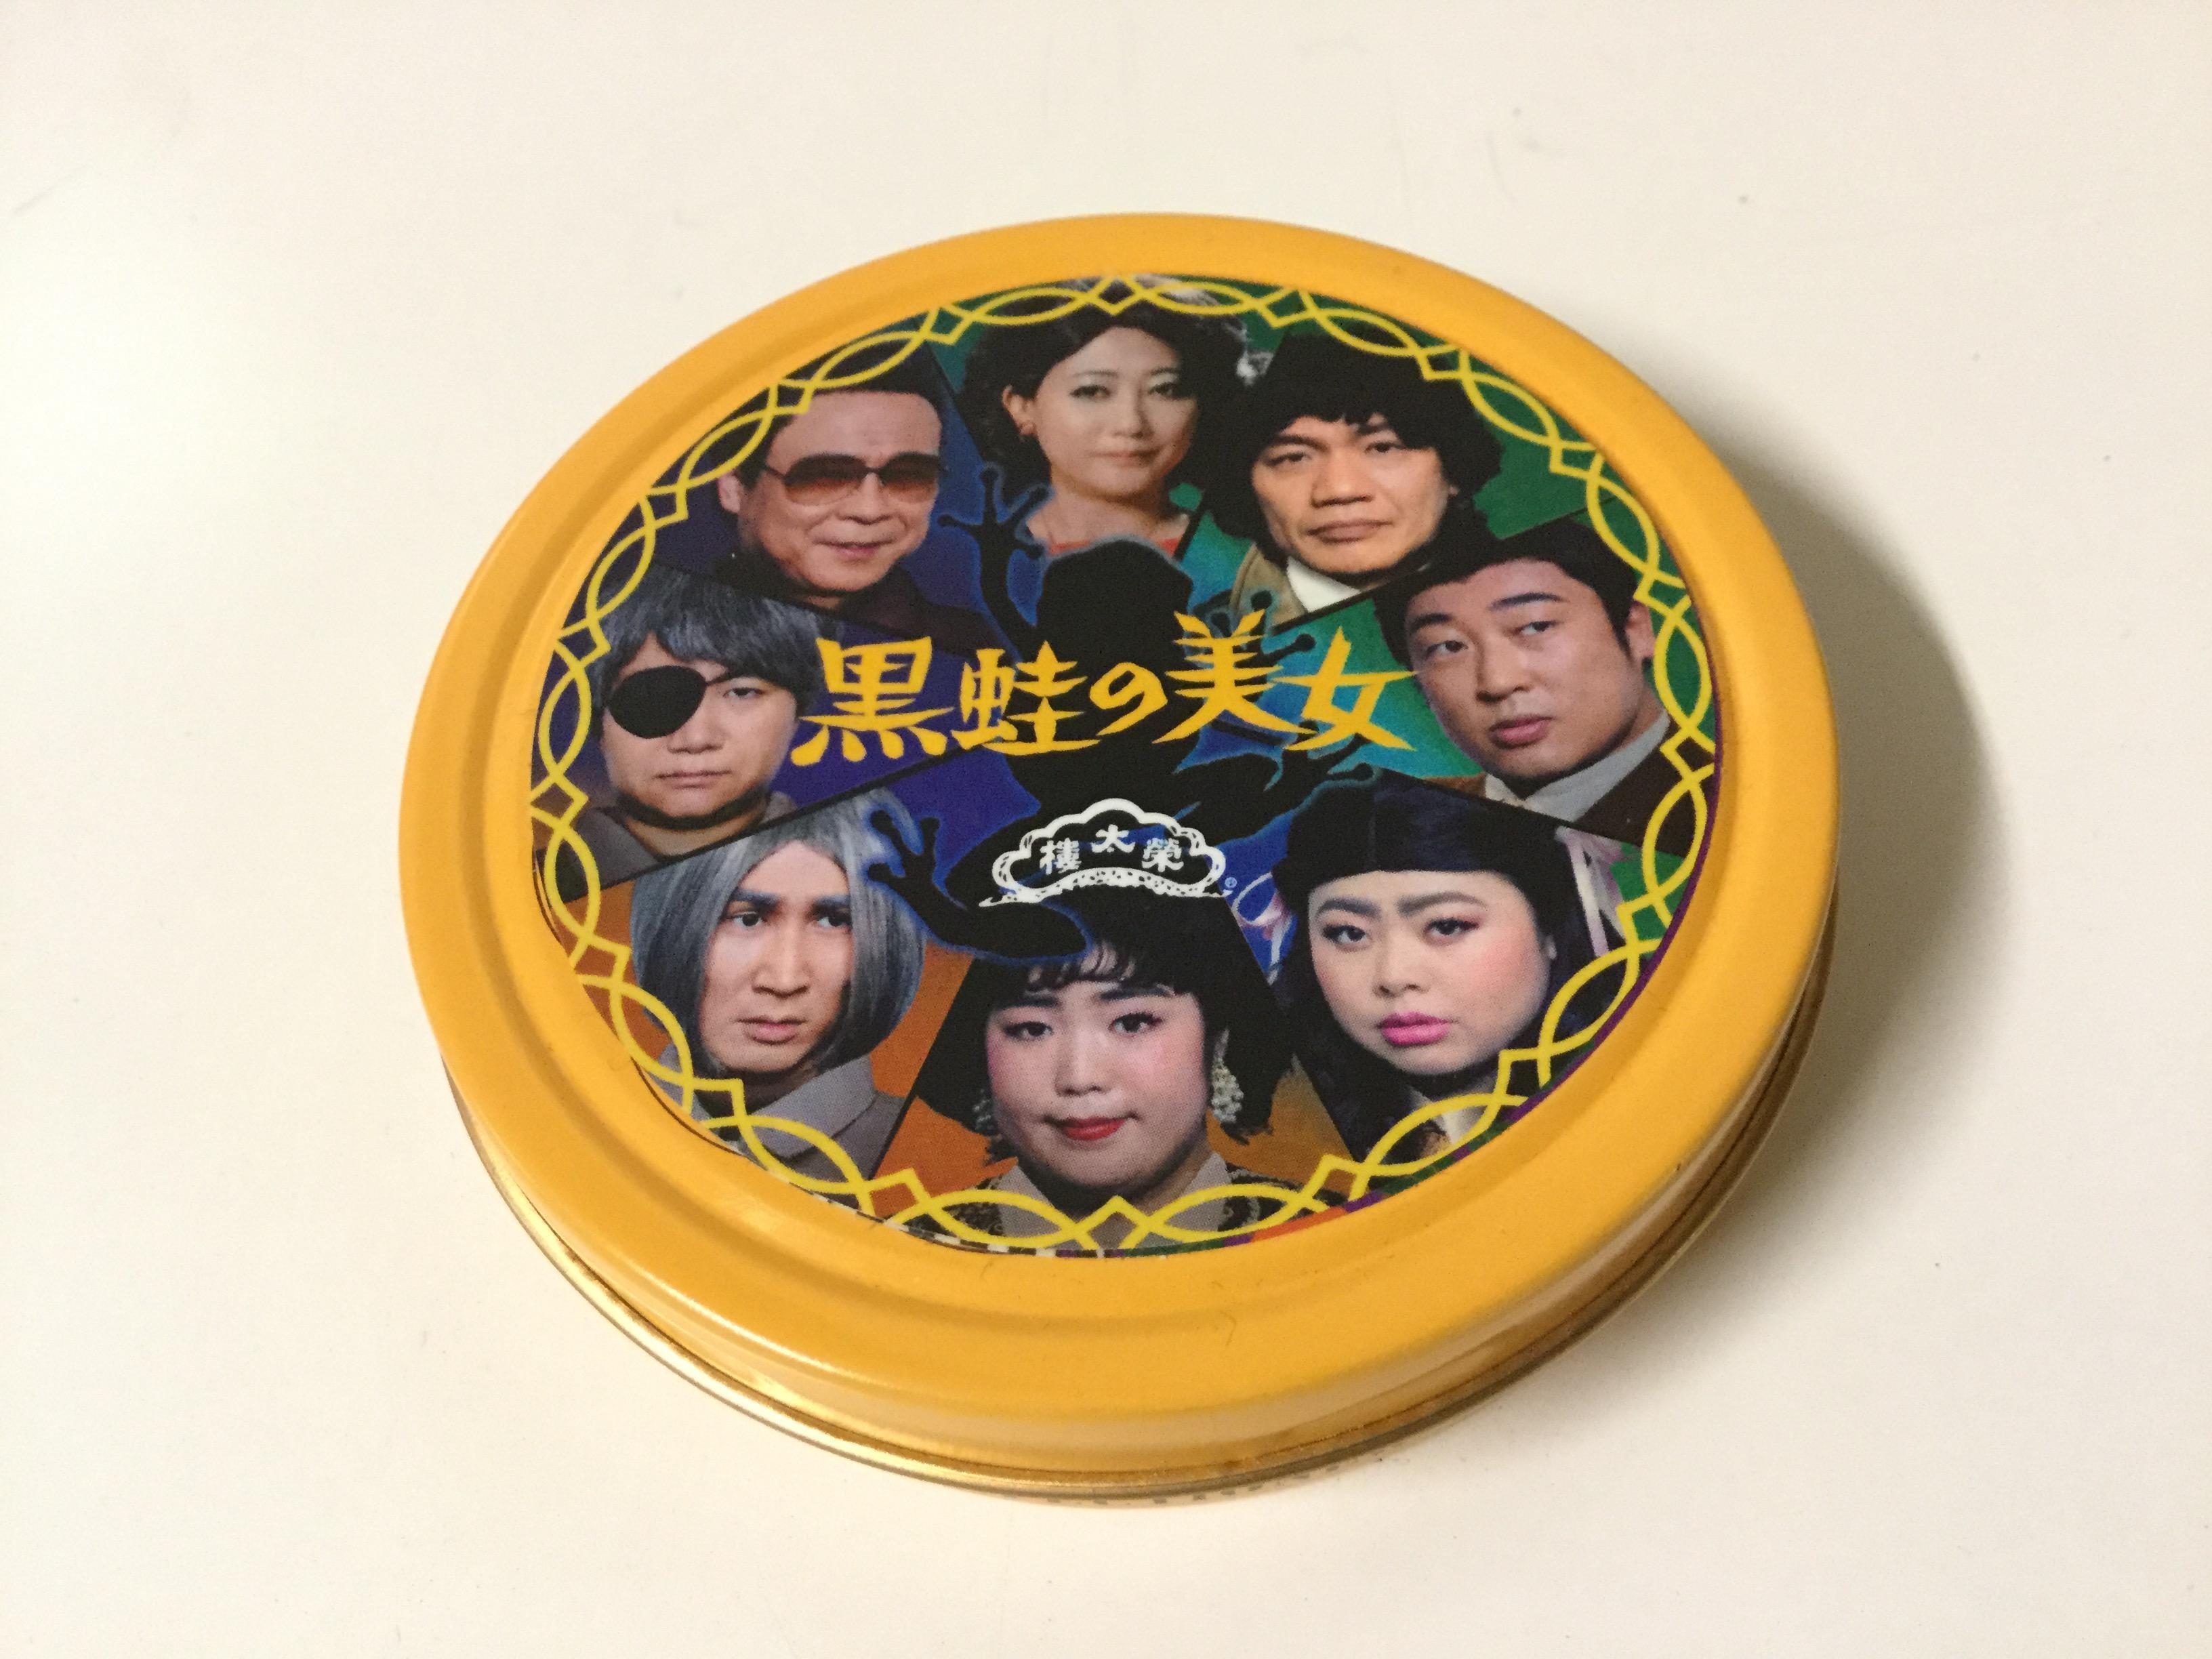 http://news.yoshimoto.co.jp/20180417184409-cc7df9ec9bd1a64334c4bc927a91045549a96747.jpg